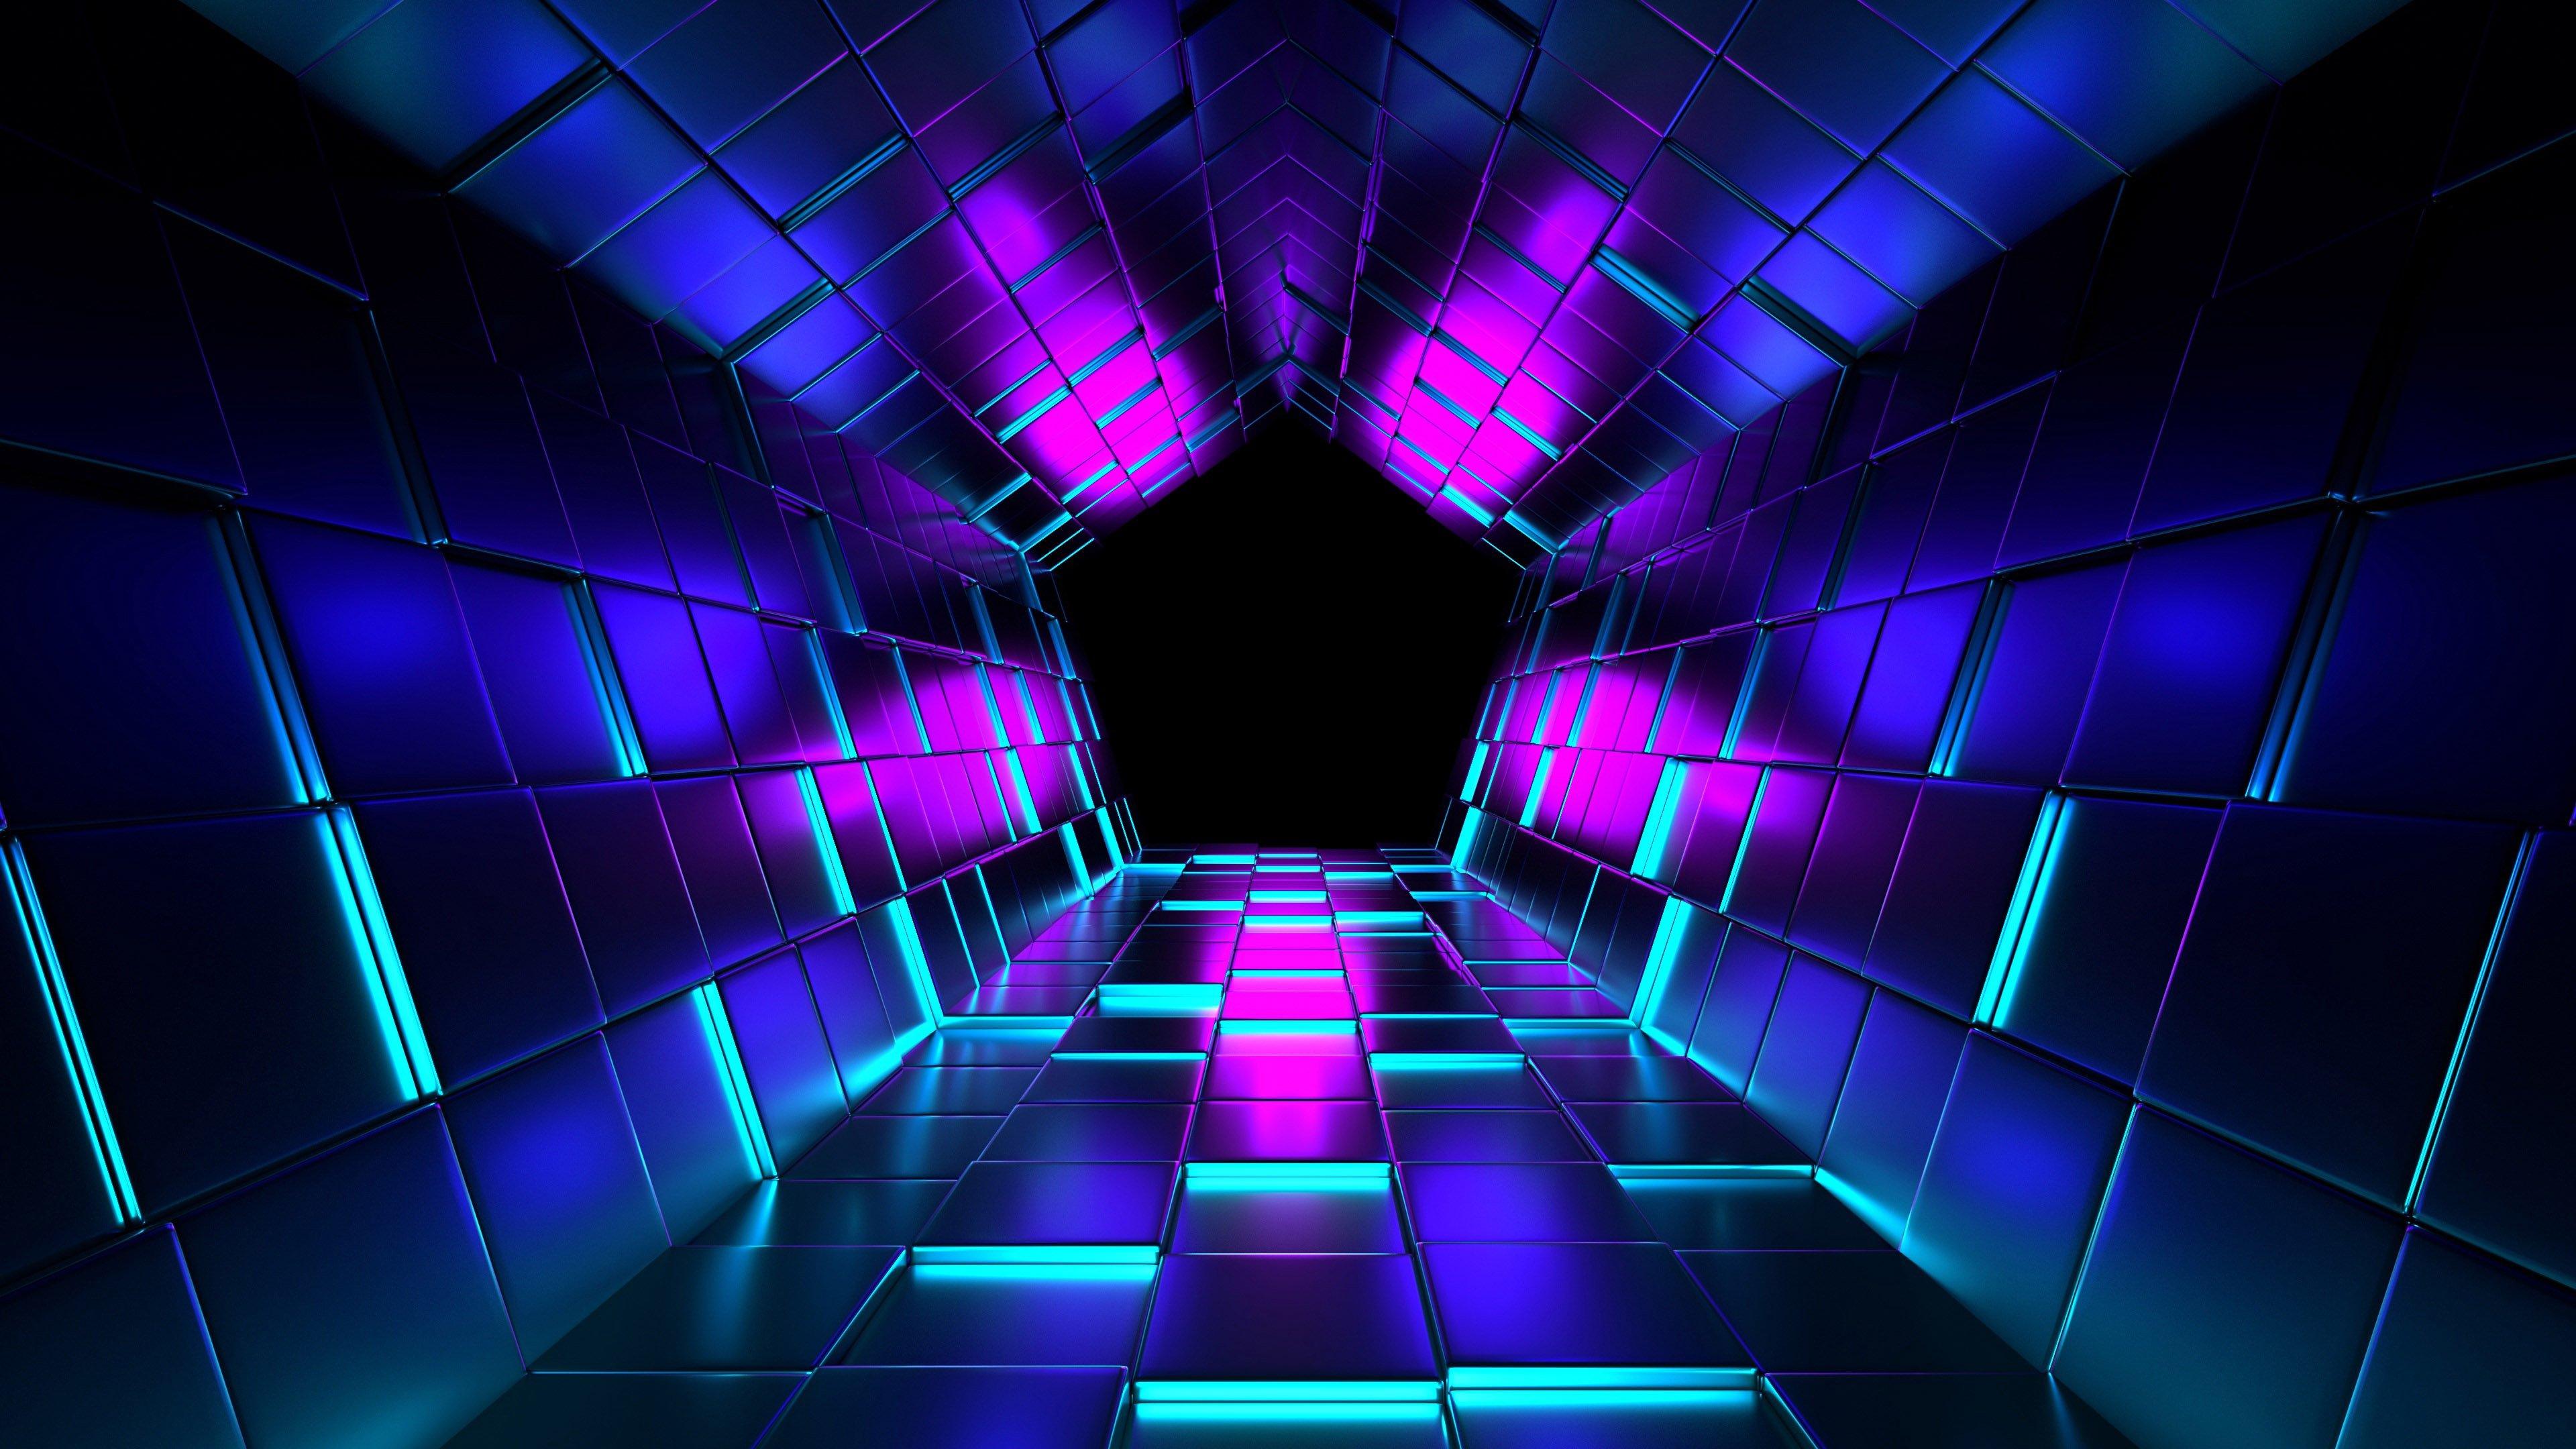 Фиолетовый туннель, 3d графика обои